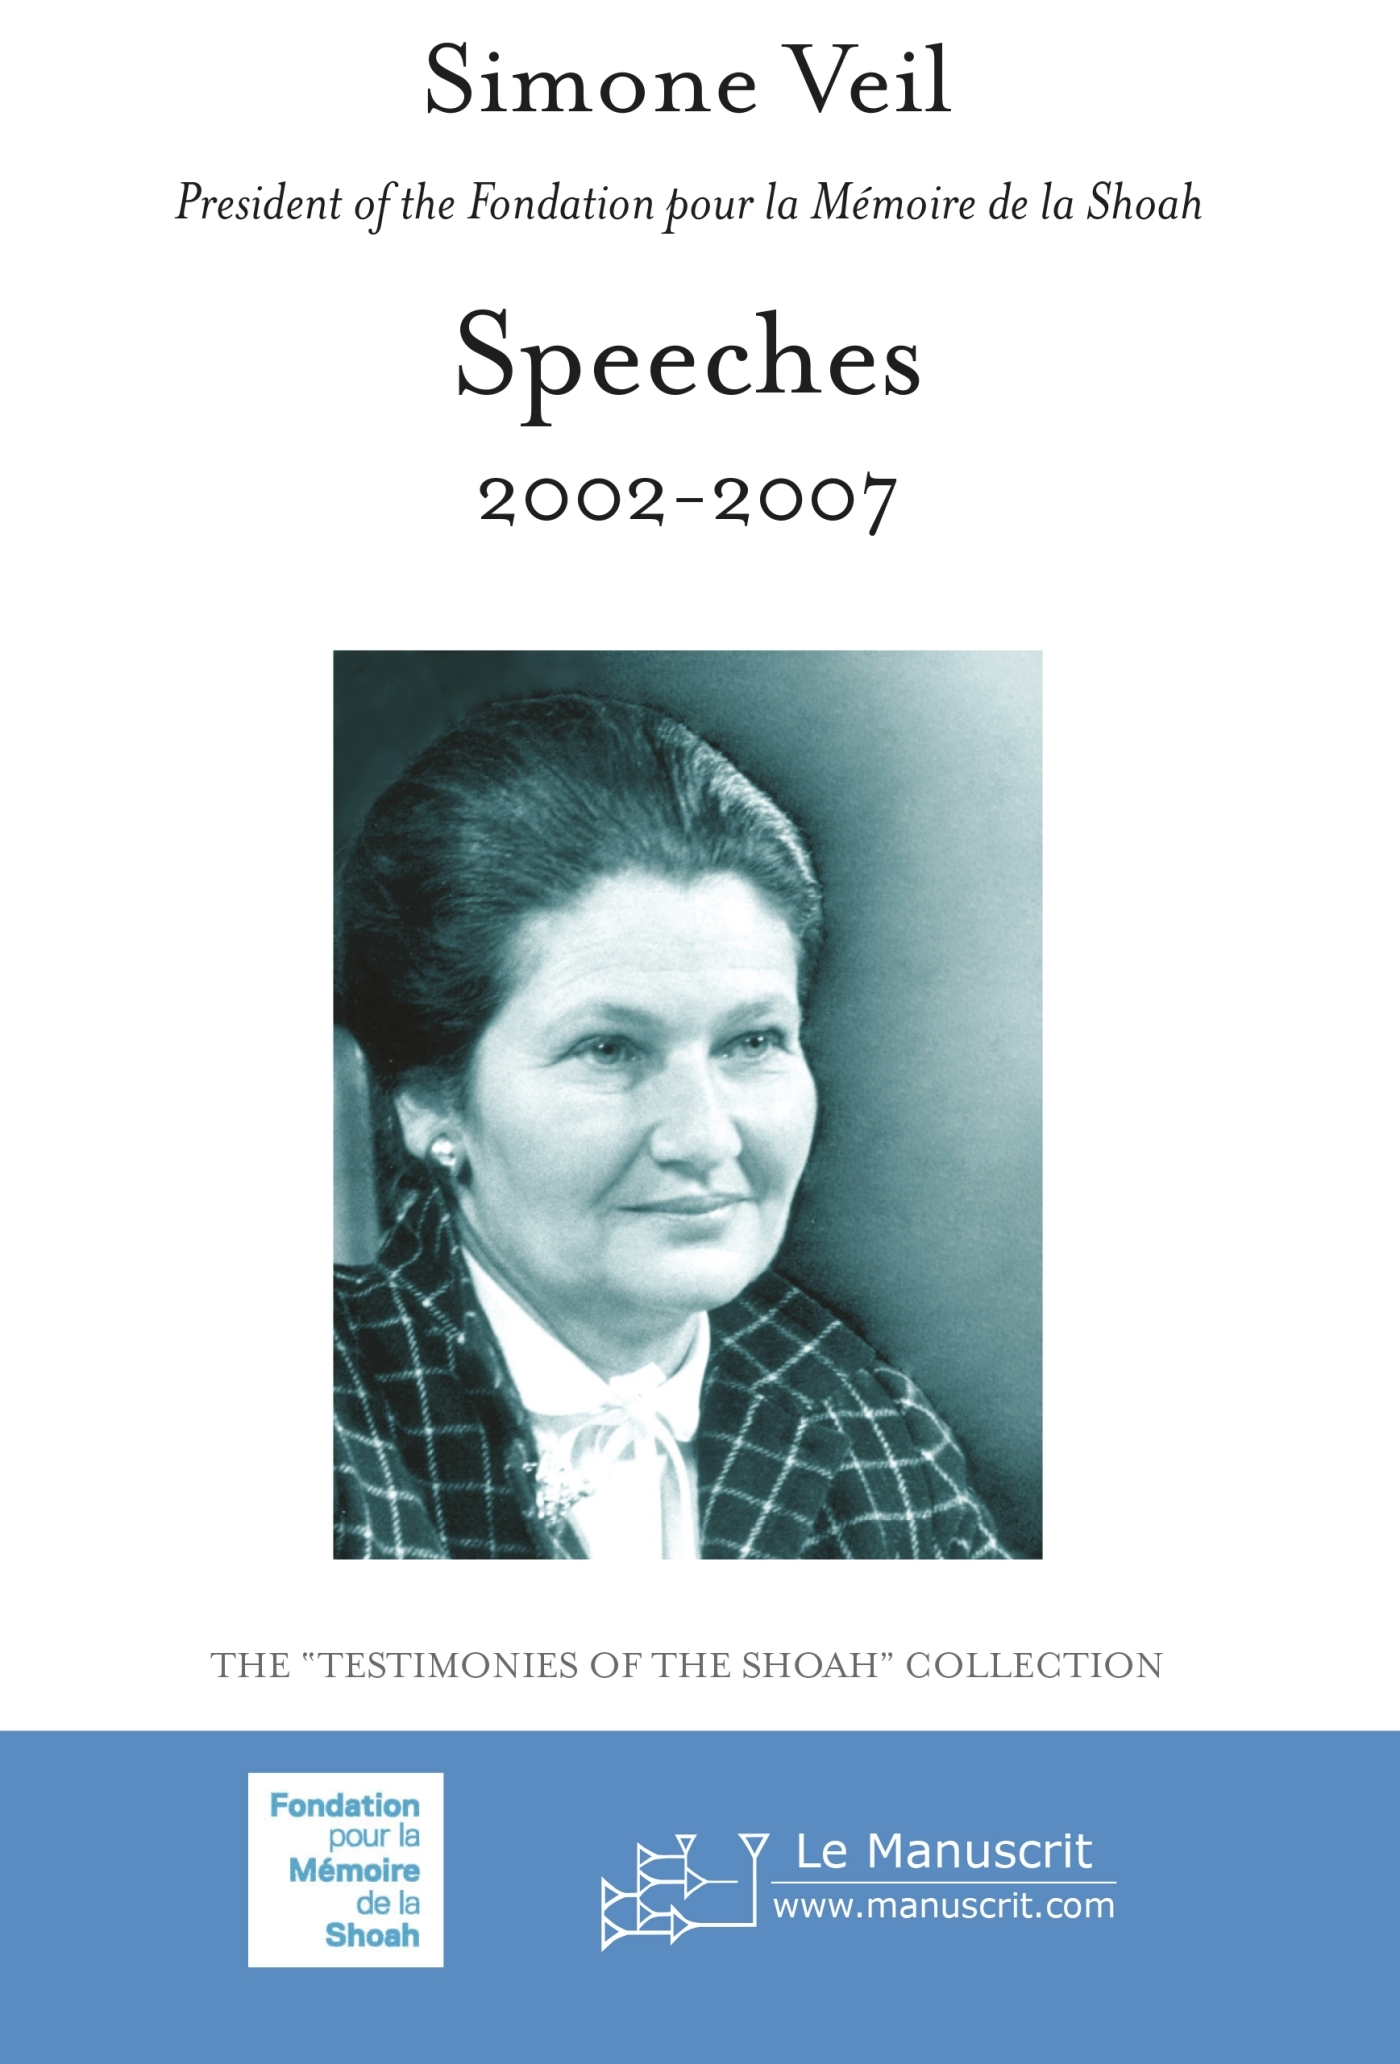 SPEECHES 2002-2007